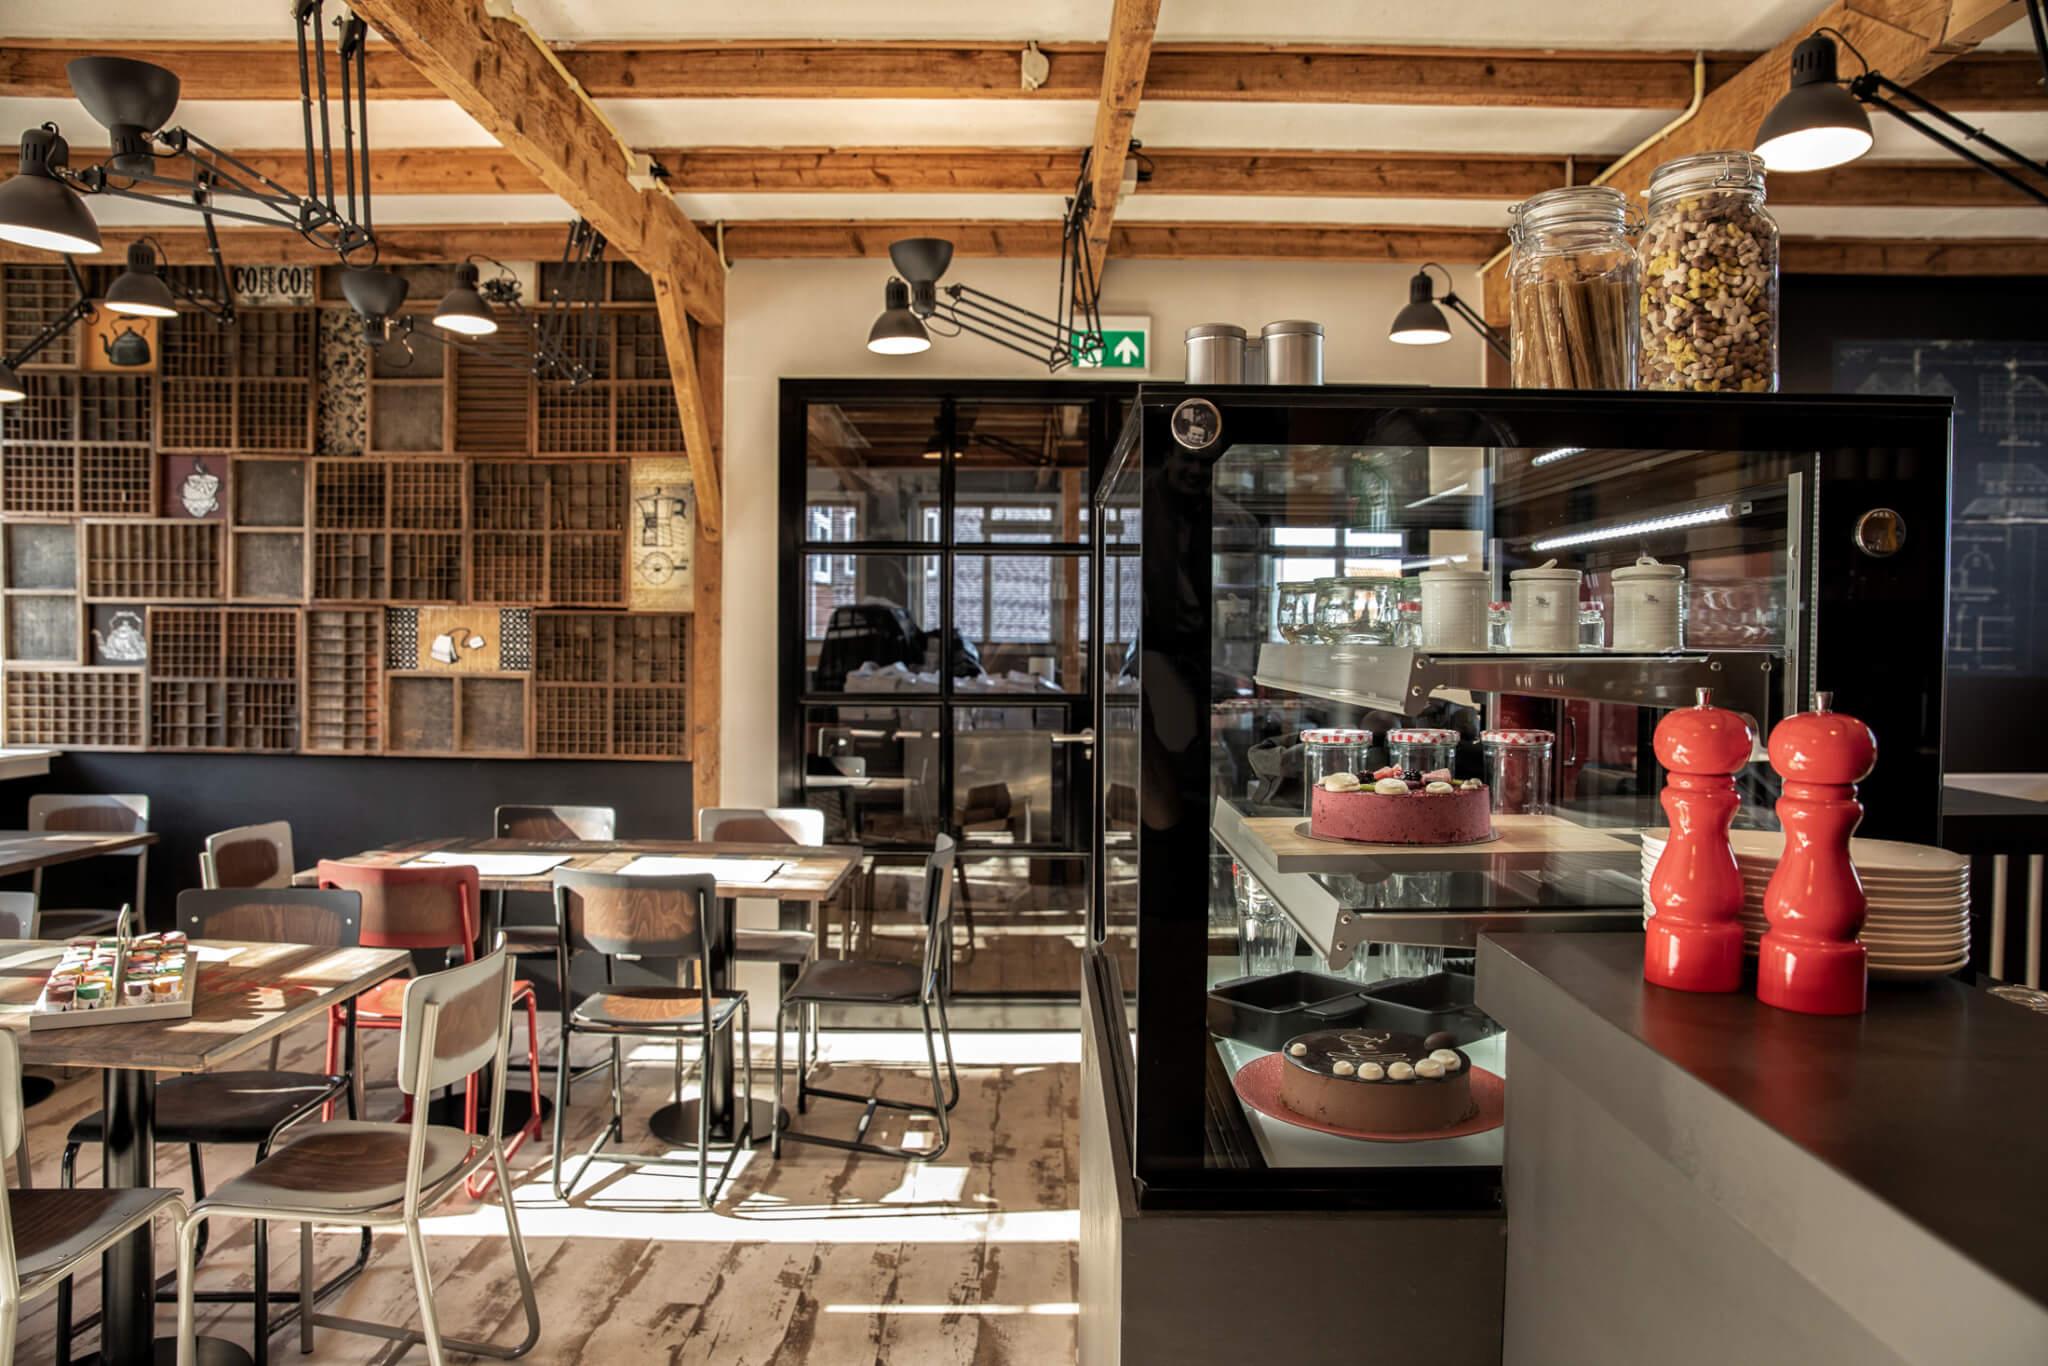 Lunchen in Aalsmeer: Lunchlokaal de Drukker